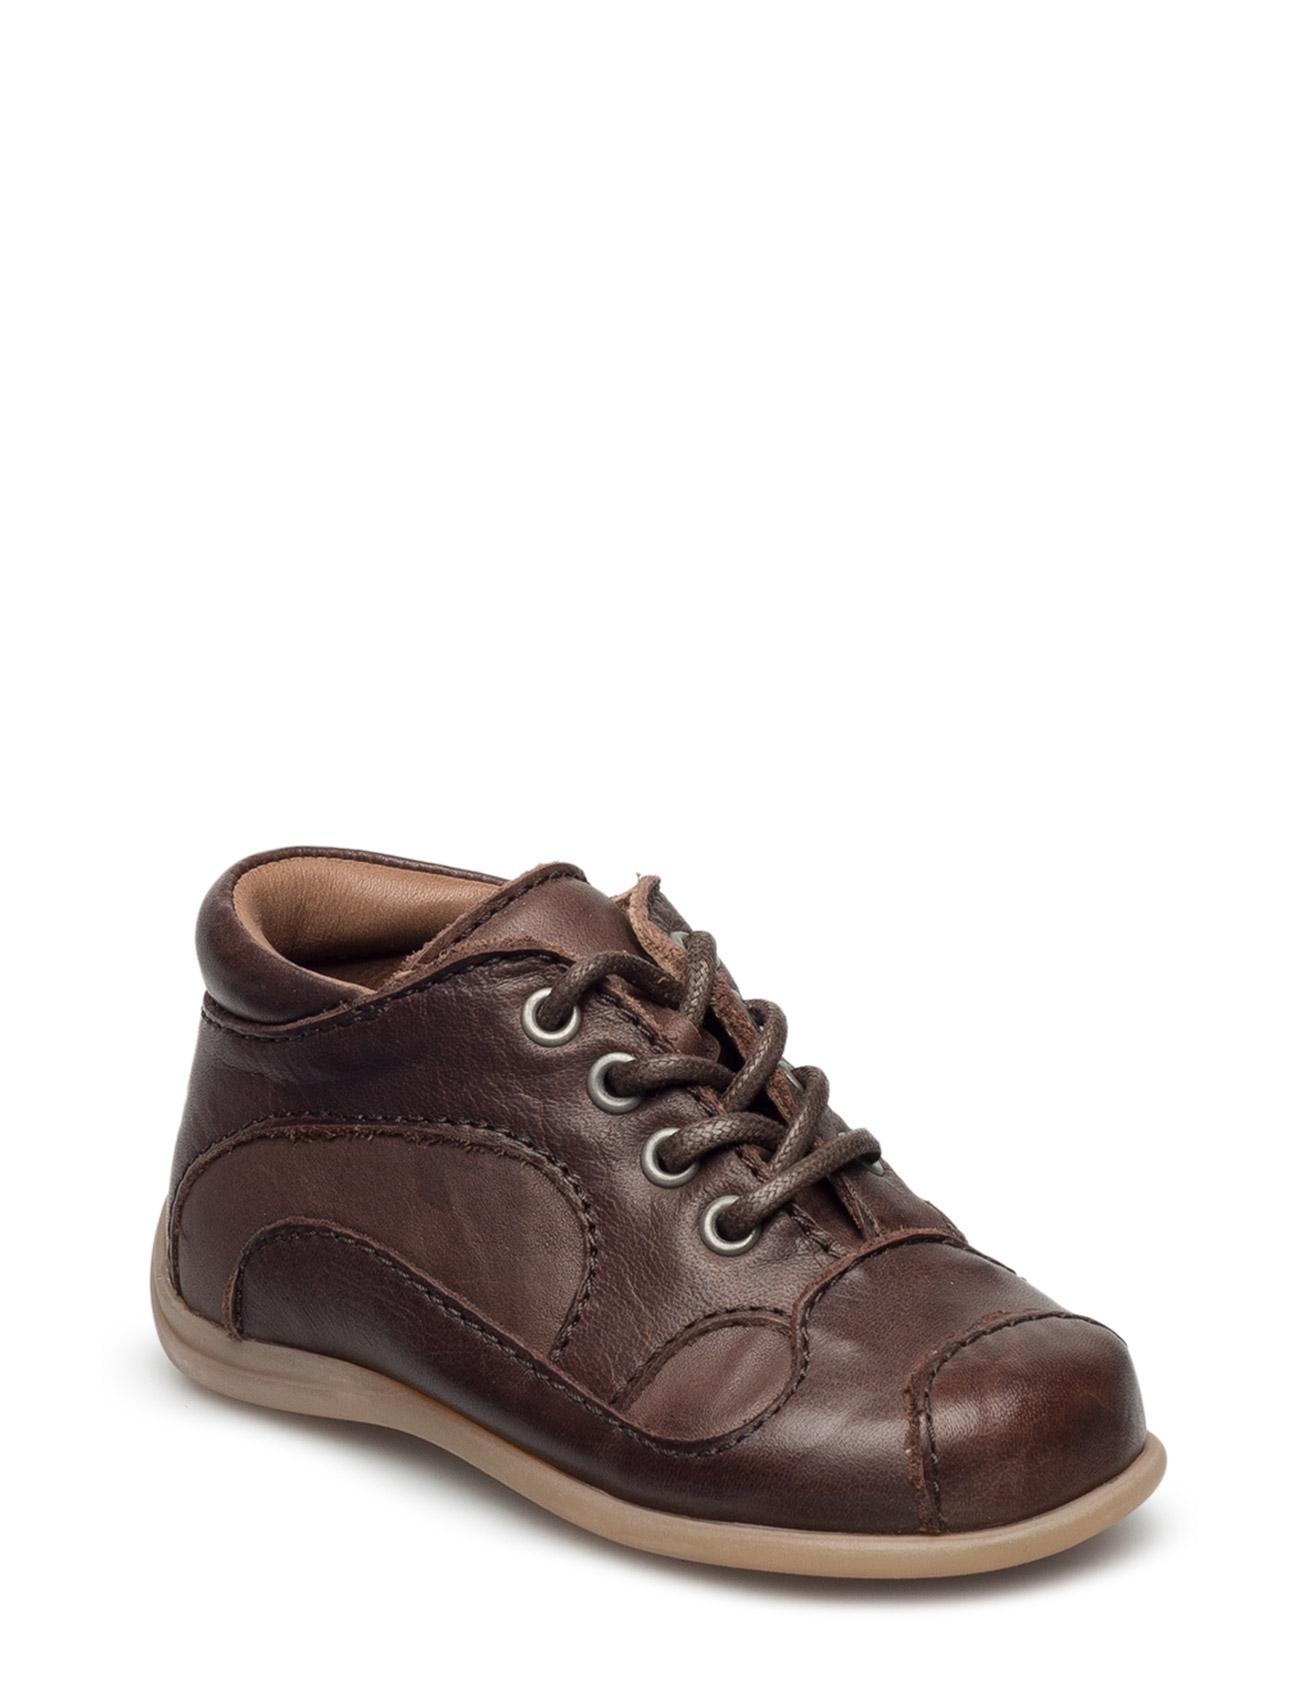 Starter Shoe Bisgaard Sko & Sneakers til Børn i